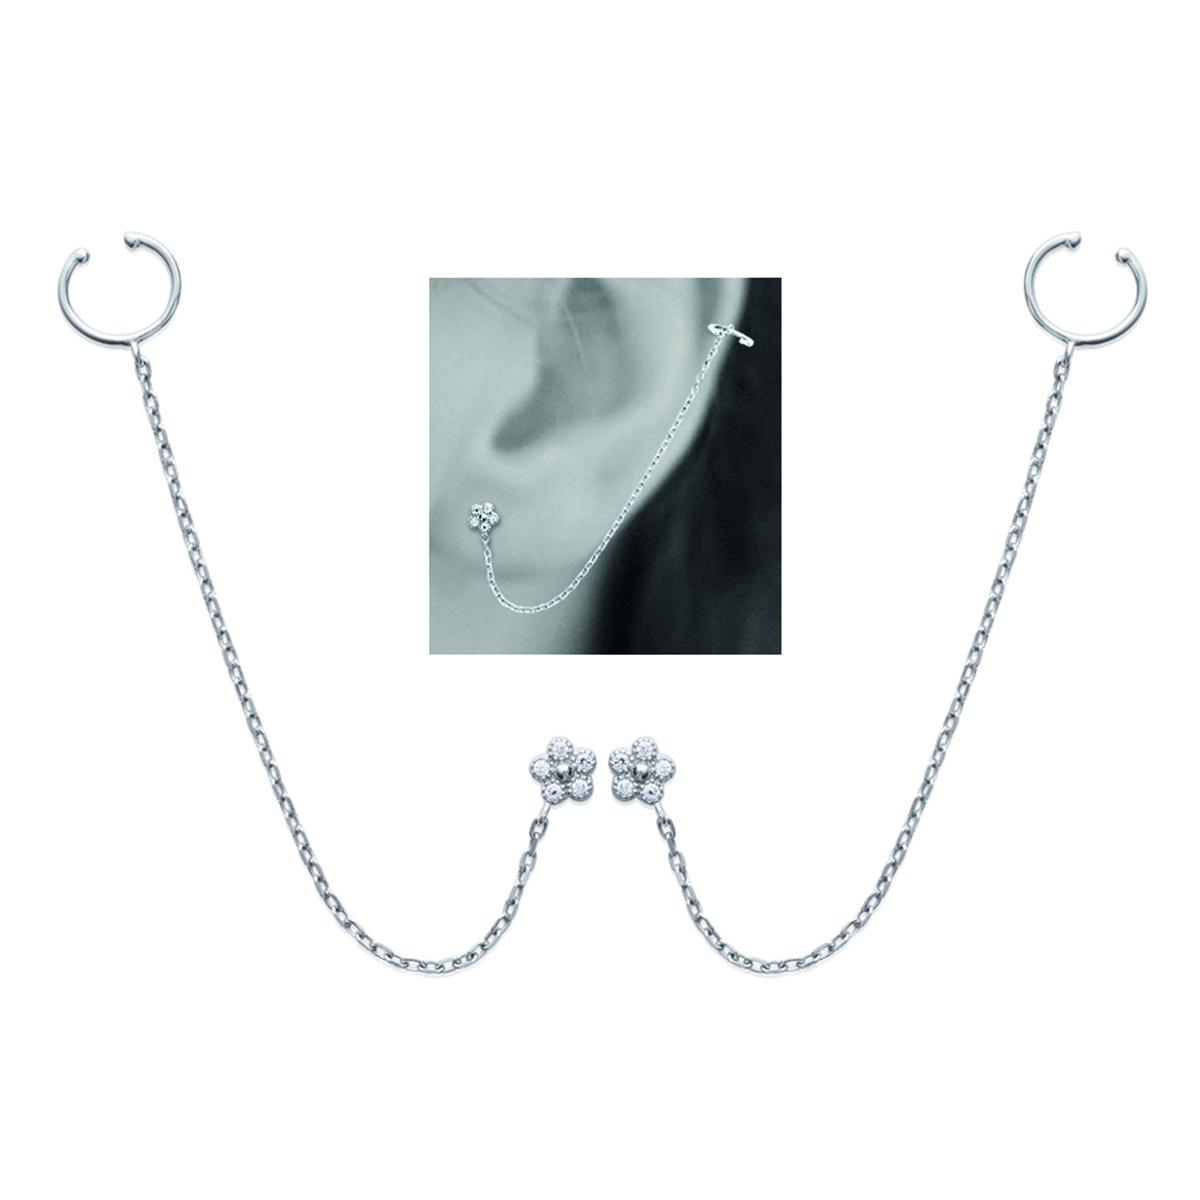 Boucles bagues oreilles argent \'Flora\' blanc argenté (rhodié) - 5 mm - [M9930]